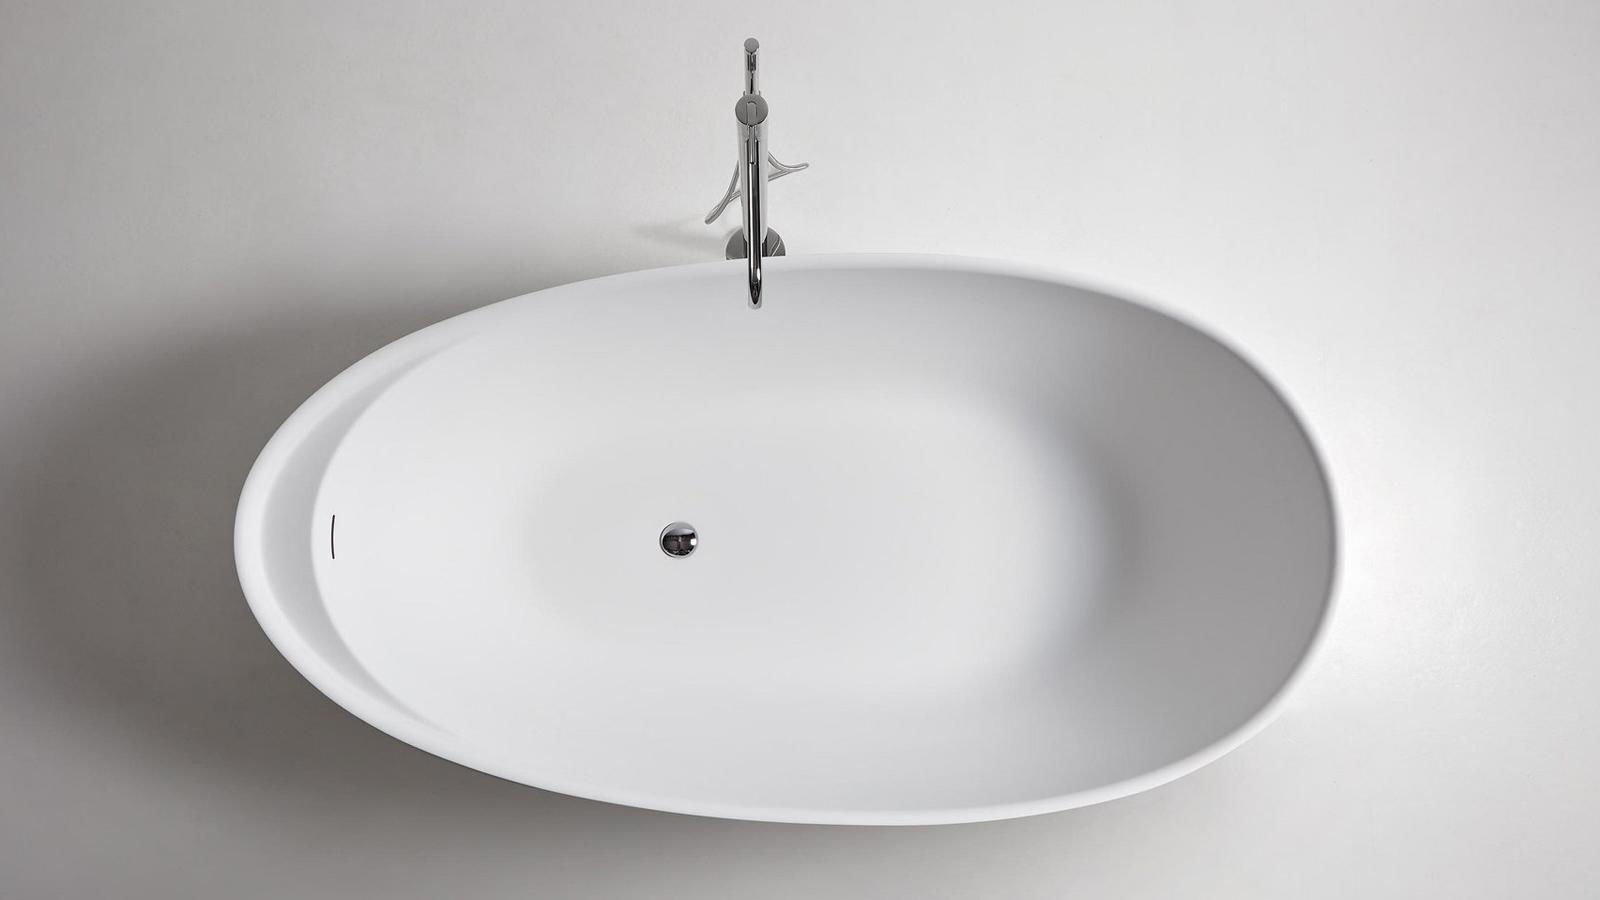 Az Eclipse az antoniolupi egyik legnépszerűbb szabadon álló fürdőkádja, mely egyértelműen uralja a teret, bármilyen kontextusba is kerül. A tojás formájú fürdőkád szinte körbeöleli a testet, melynek tökéletes alátámasztást biztosít, piperecikkeinket pedig praktikus, keskeny polca segítségével rejti el. A fürdőkád több színben és anyagból, így például Carrara-i márványból is elérhető.